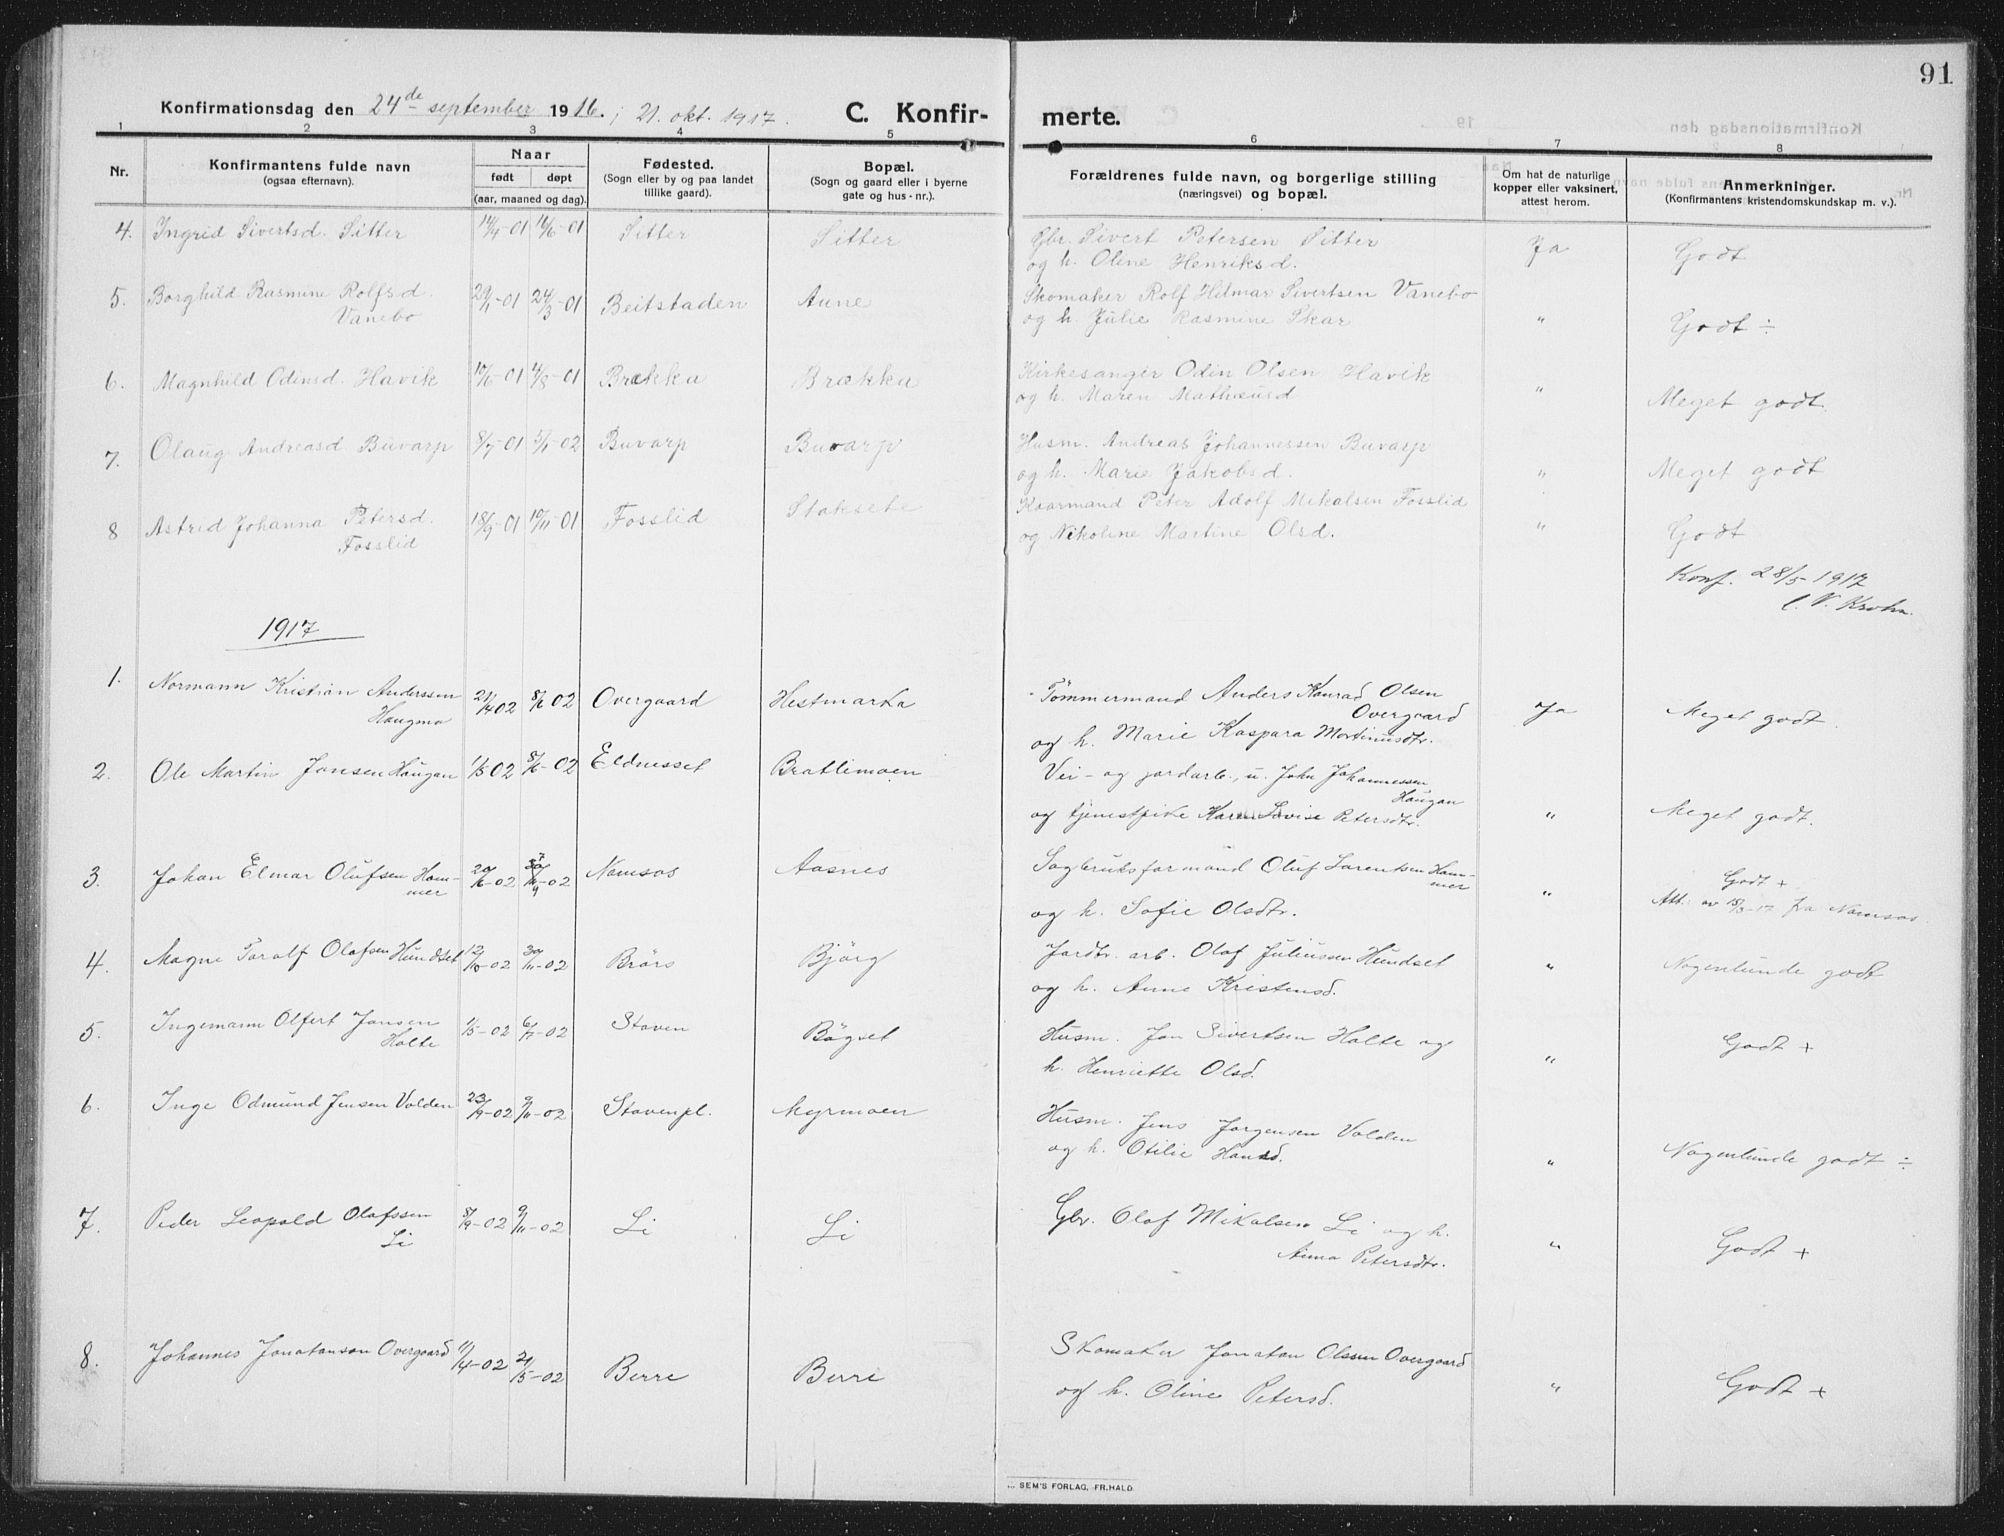 SAT, Ministerialprotokoller, klokkerbøker og fødselsregistre - Nord-Trøndelag, 742/L0413: Klokkerbok nr. 742C04, 1911-1938, s. 91